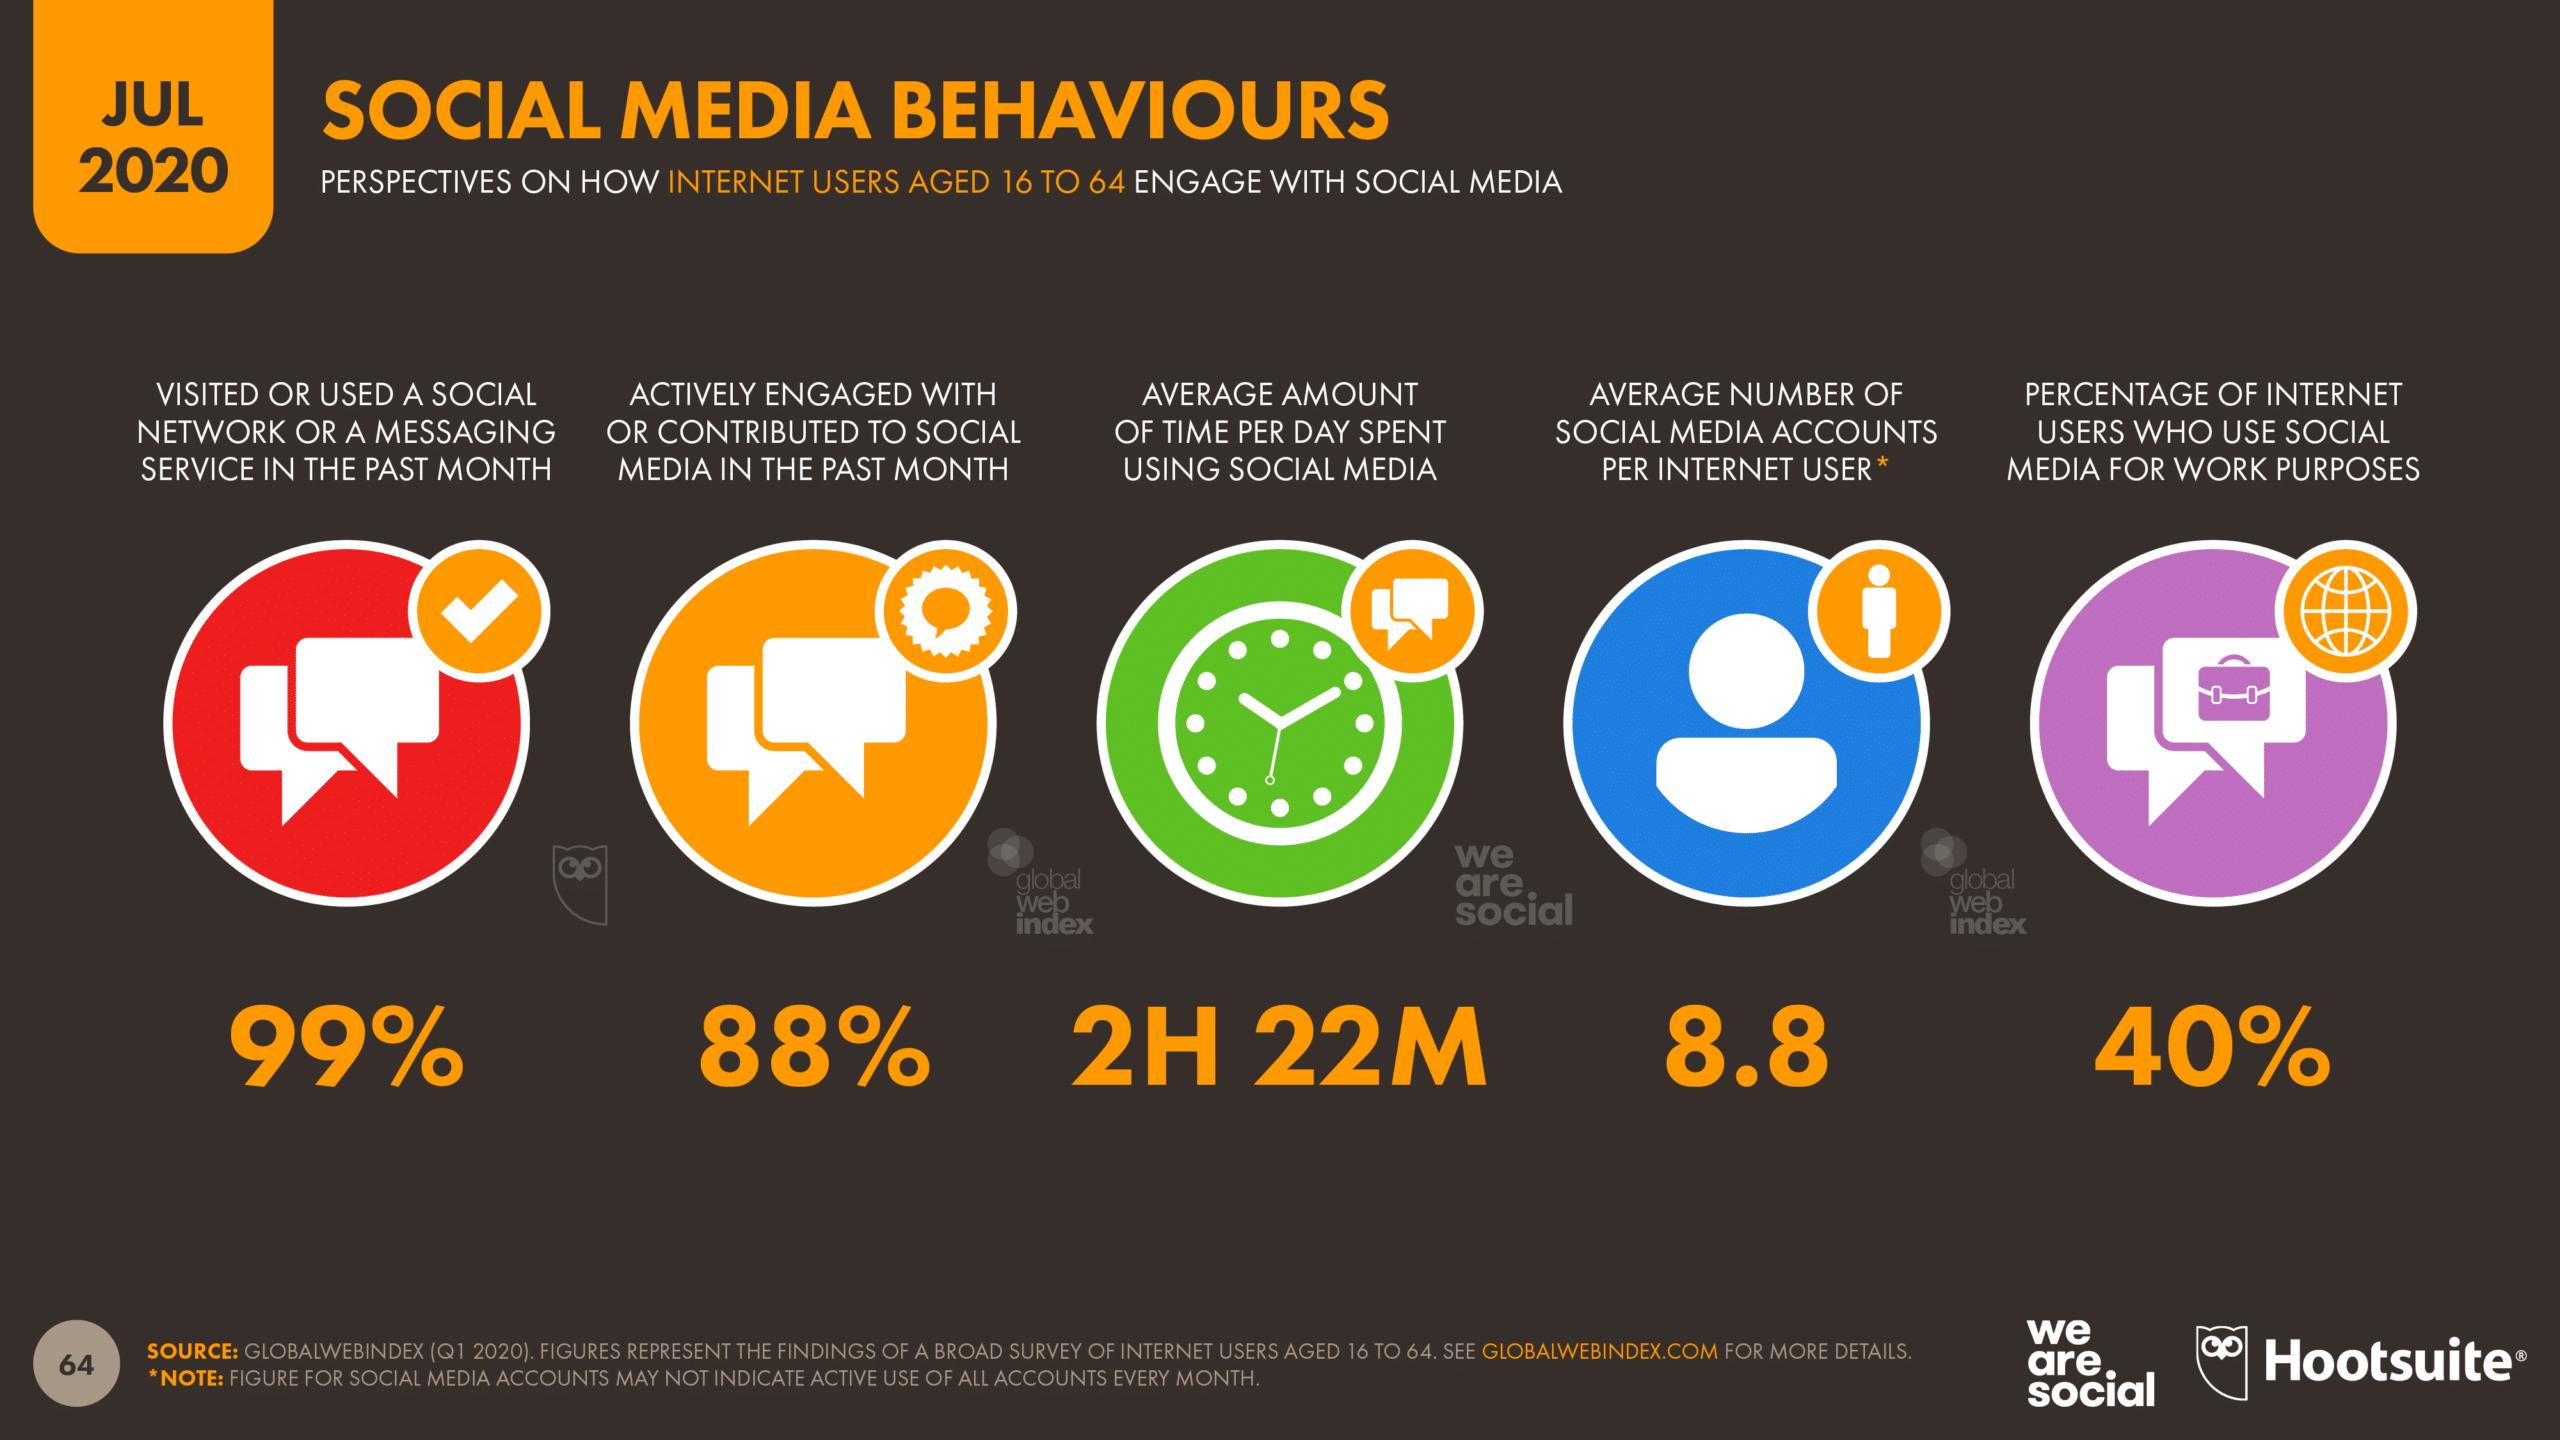 Social Media Behaviours July